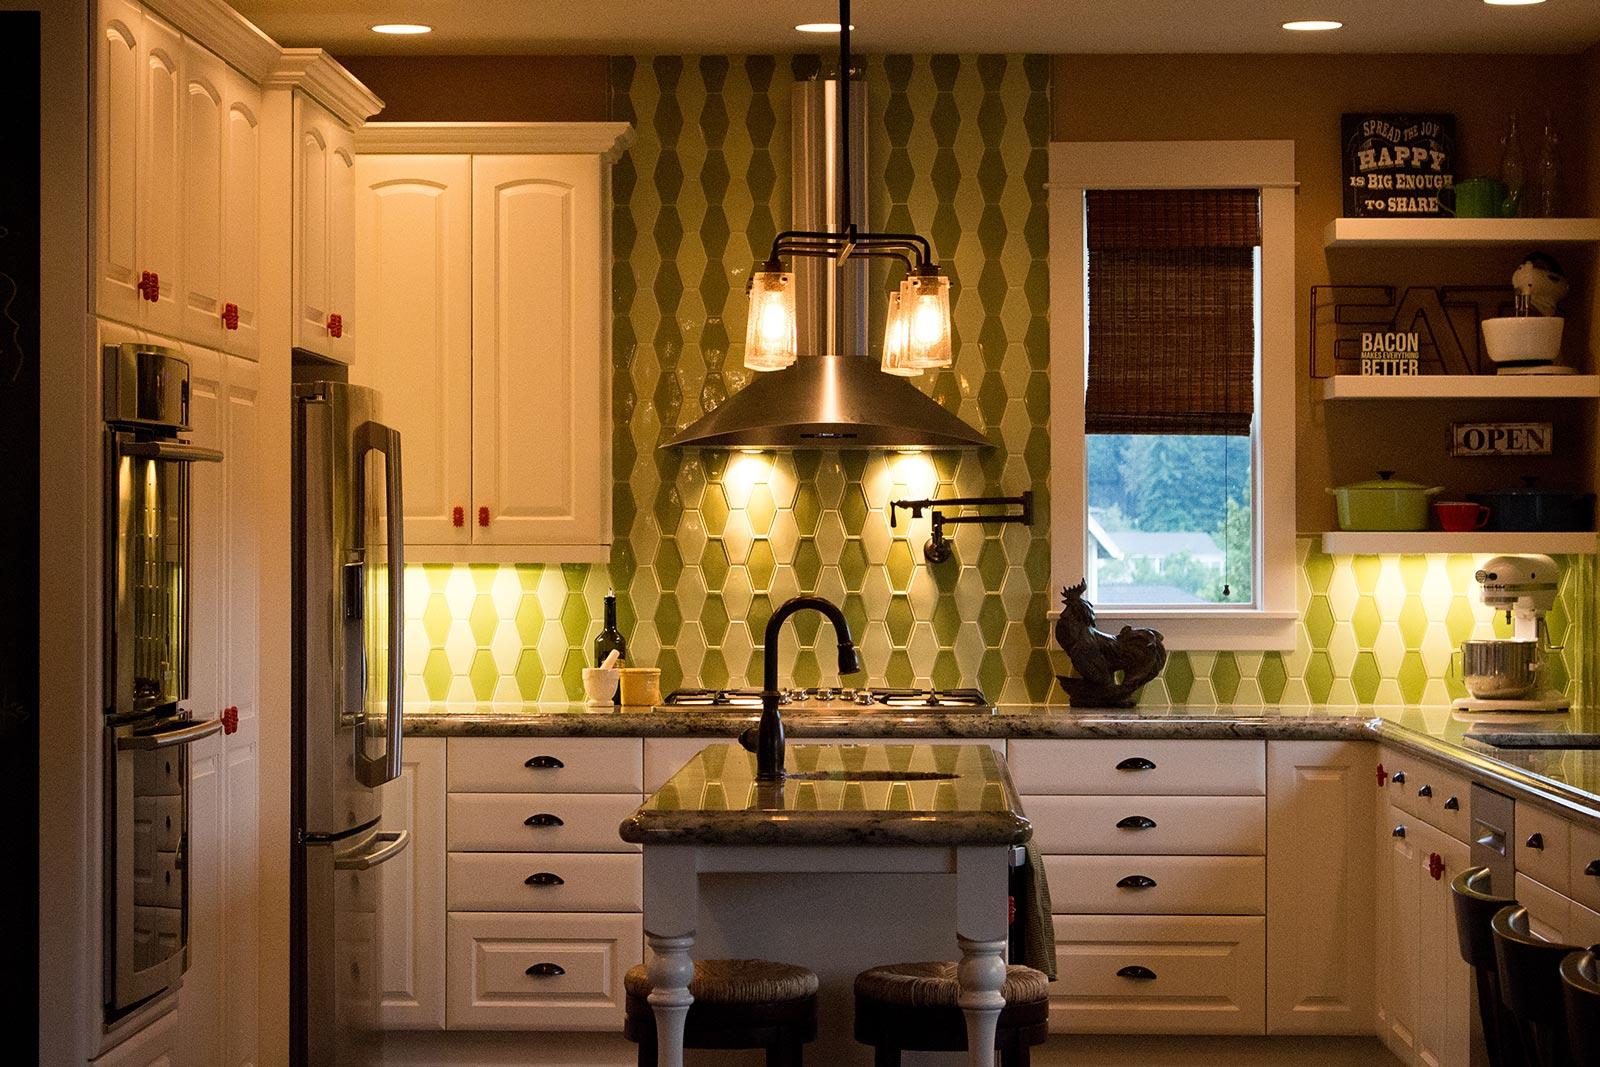 Colorful eclectic kitchen design. Interior Designer Salem OR - Rebecca Olsen Design Firm